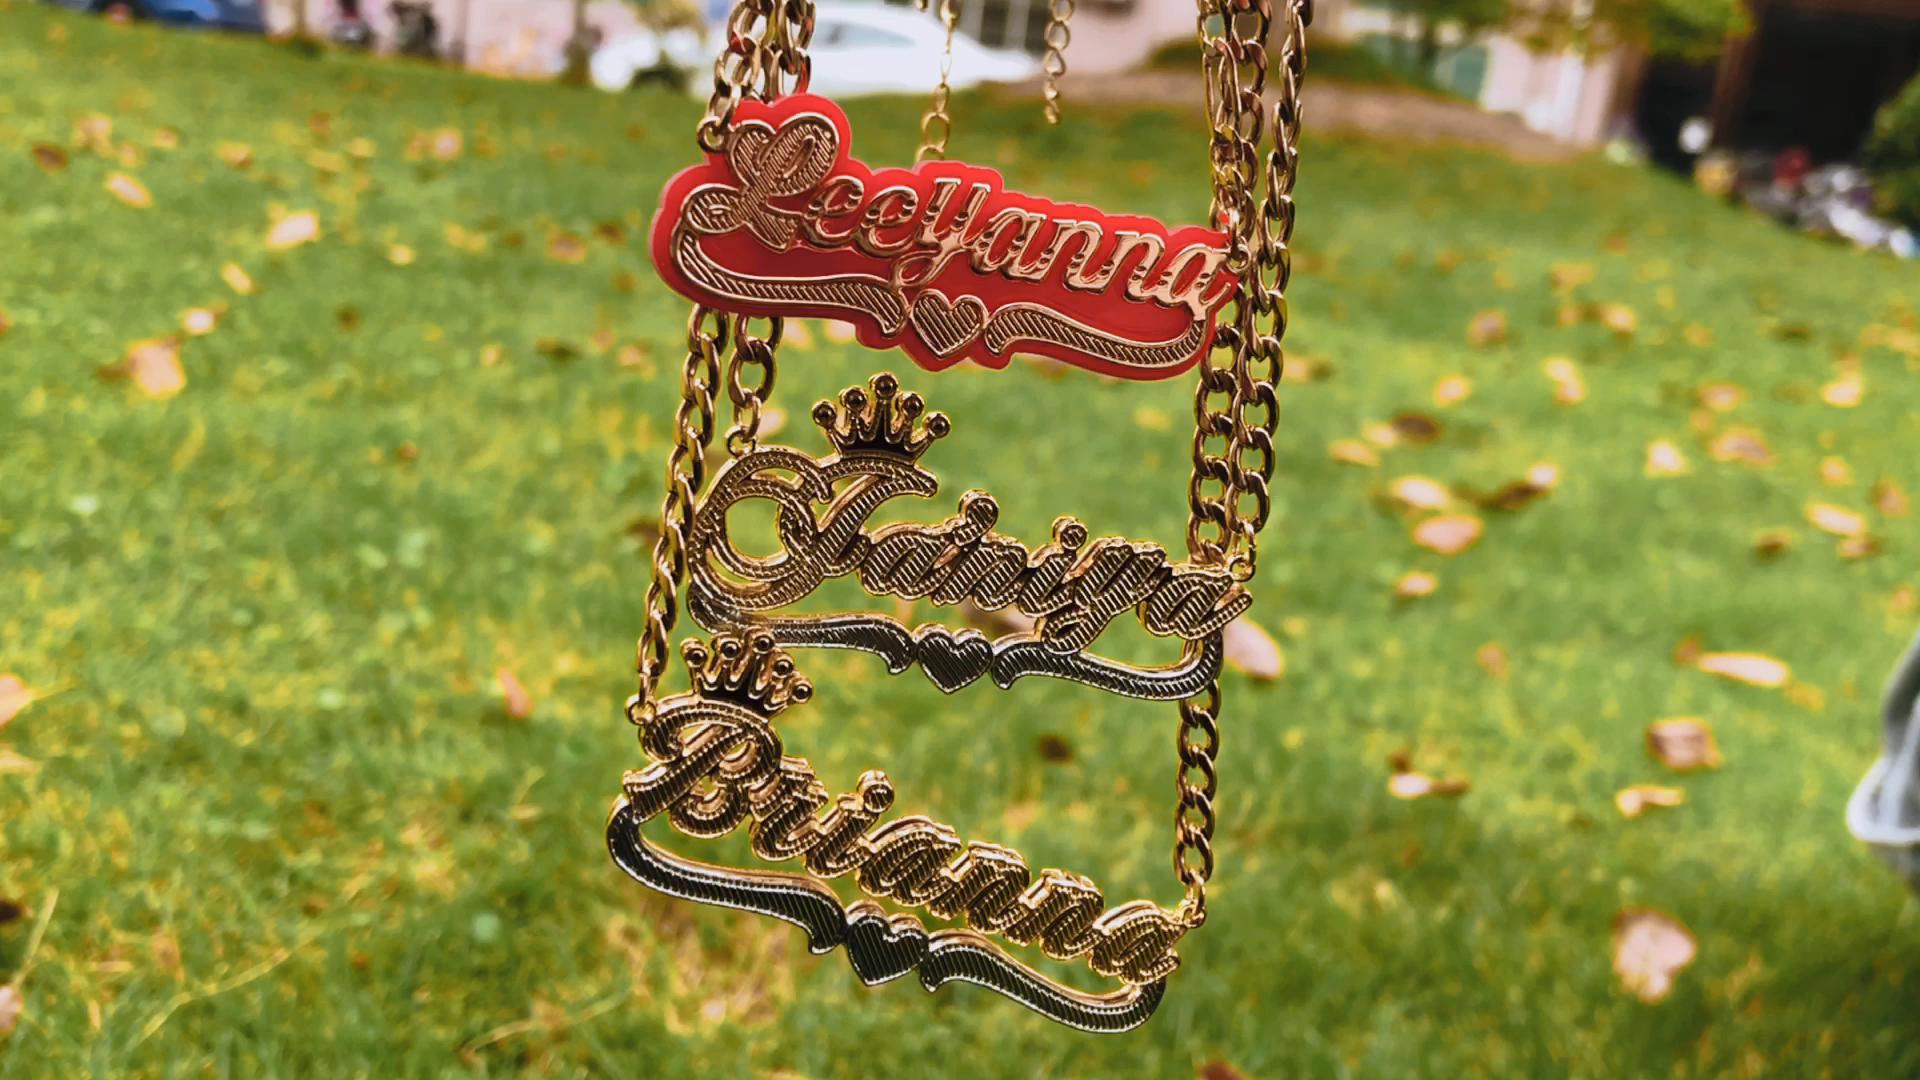 Горячая стильная Персонализированная бижутерия на заказ ожерелье с буквенным именем ожерелье для женщин